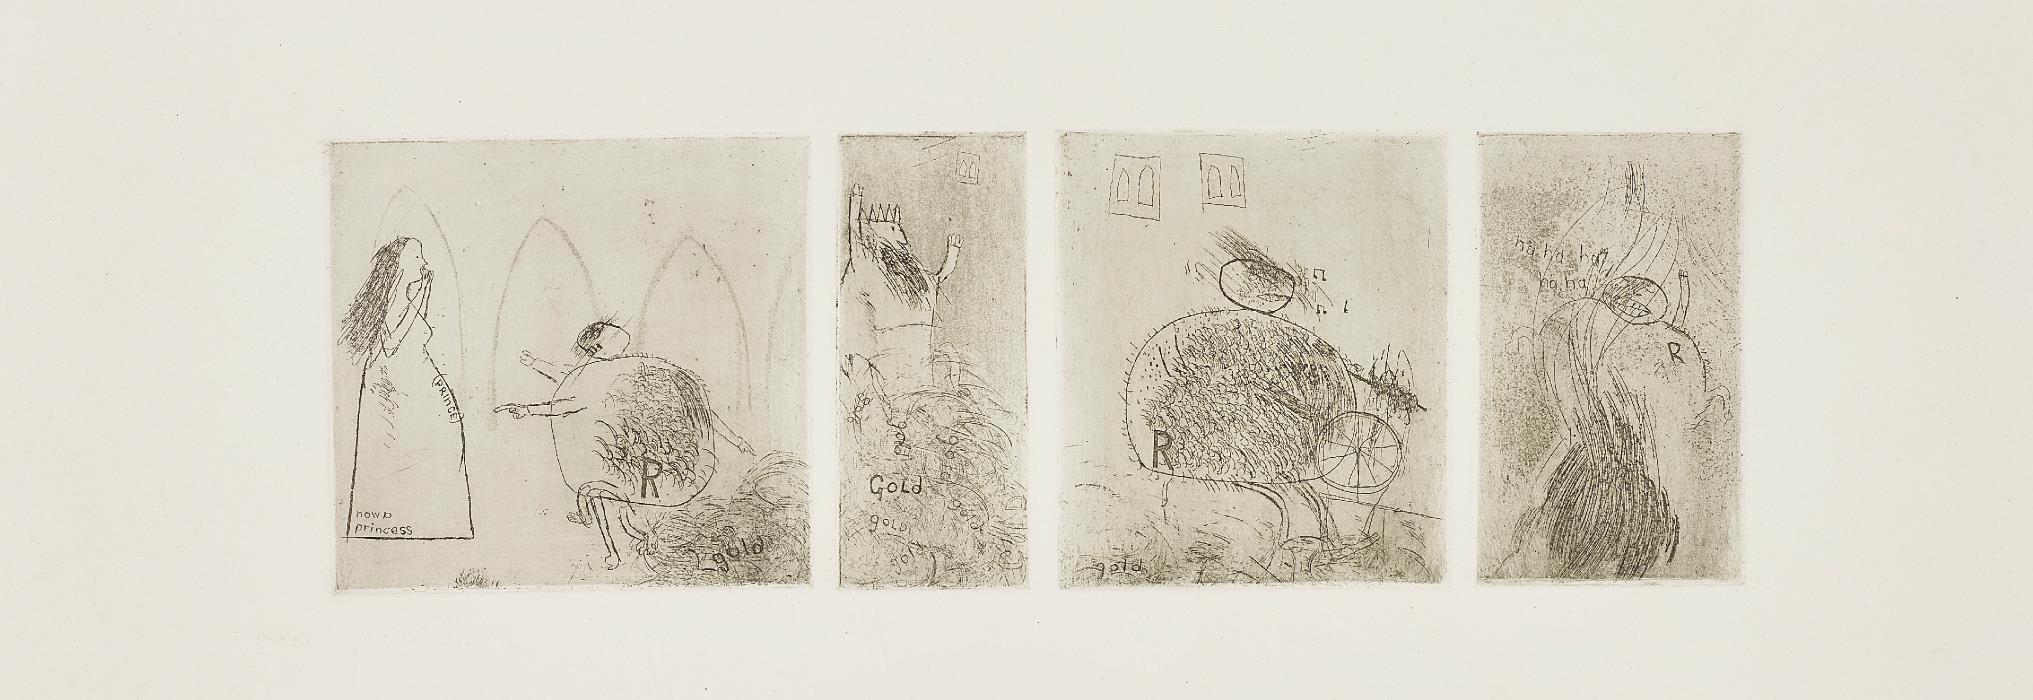 David Hockney-Study for Rumplestiltskin-1961